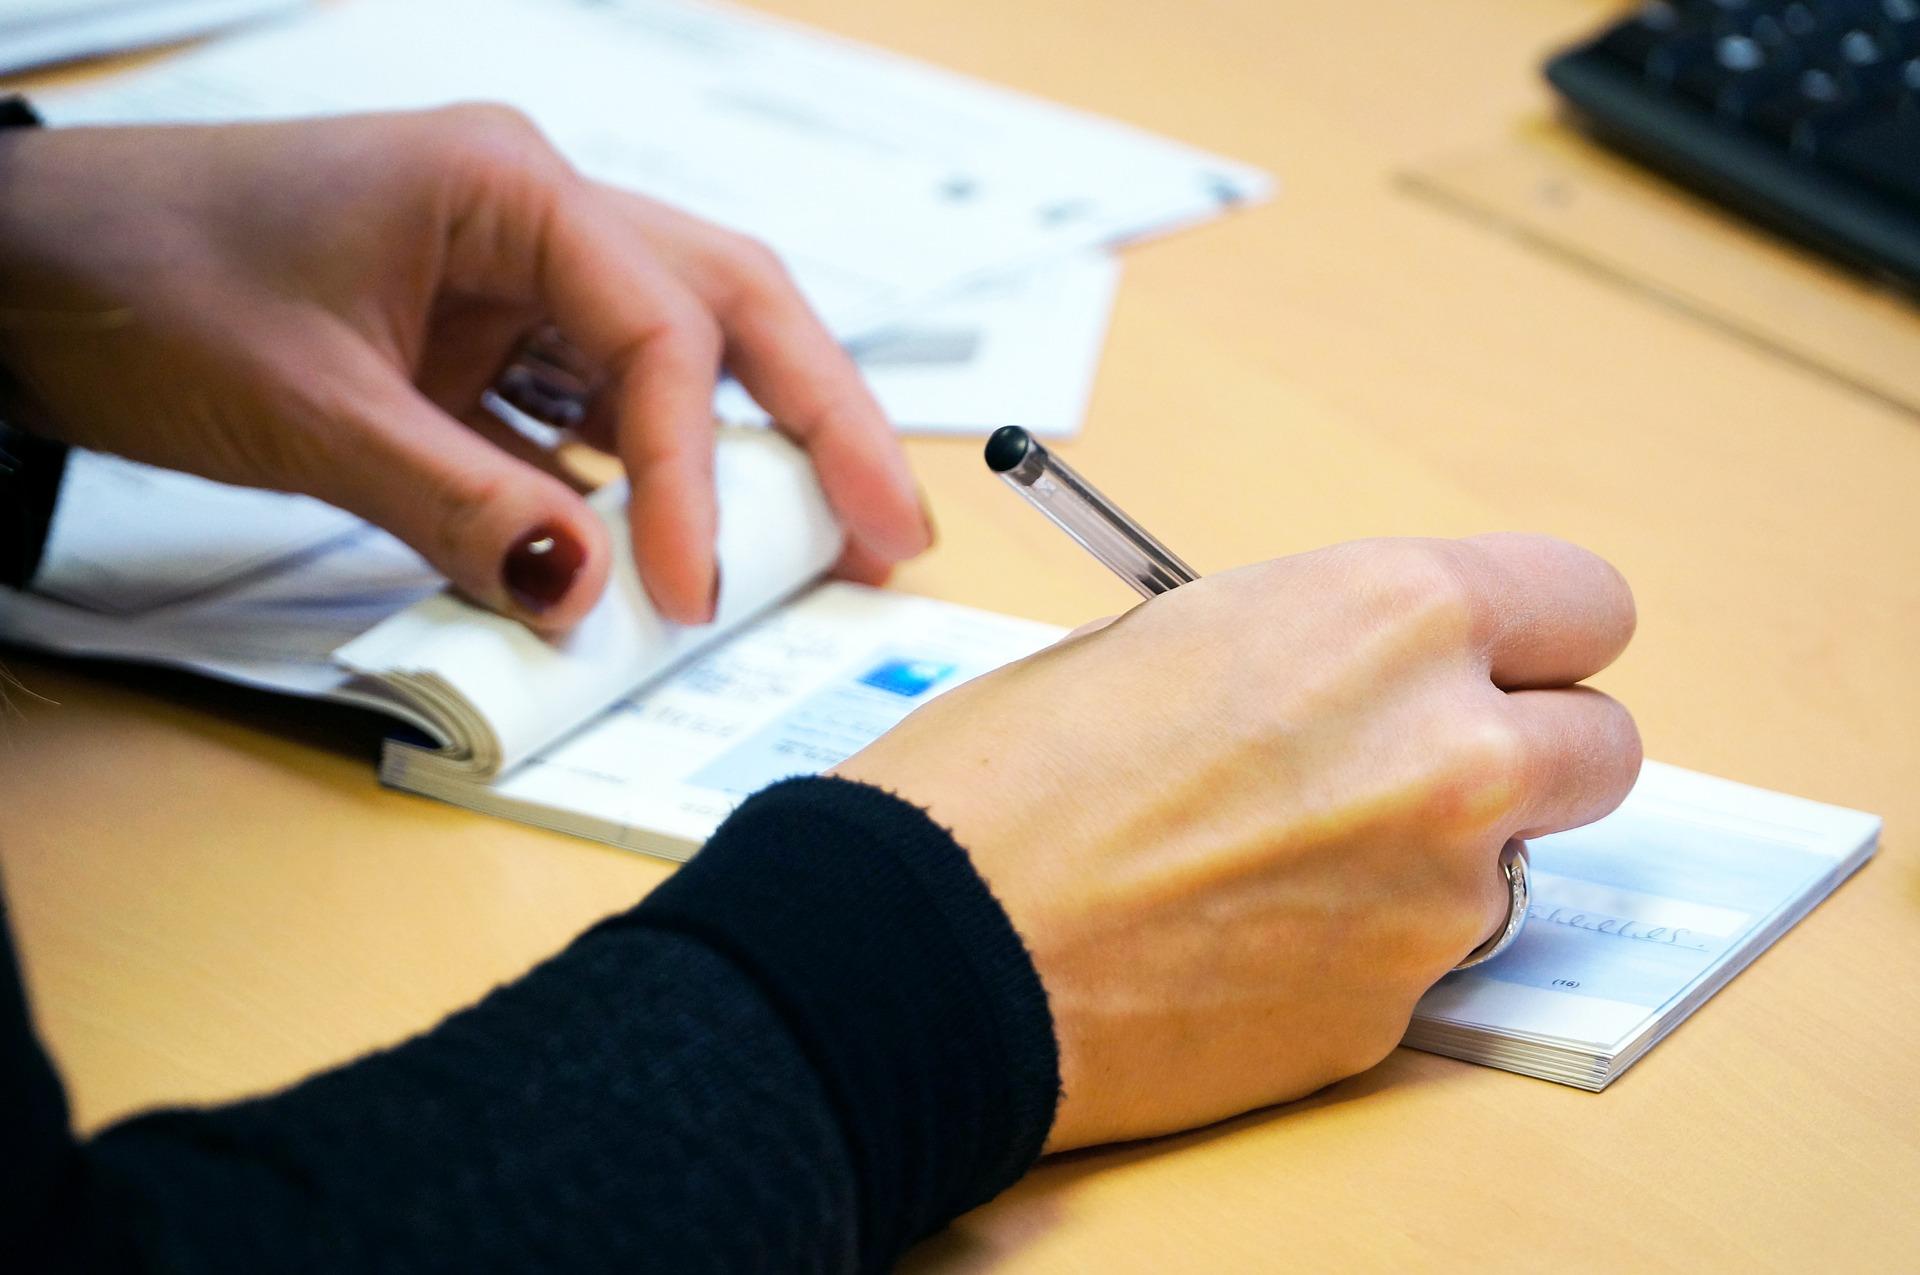 Proroga scadenze assegni bancari e cambiali causa coronavirus